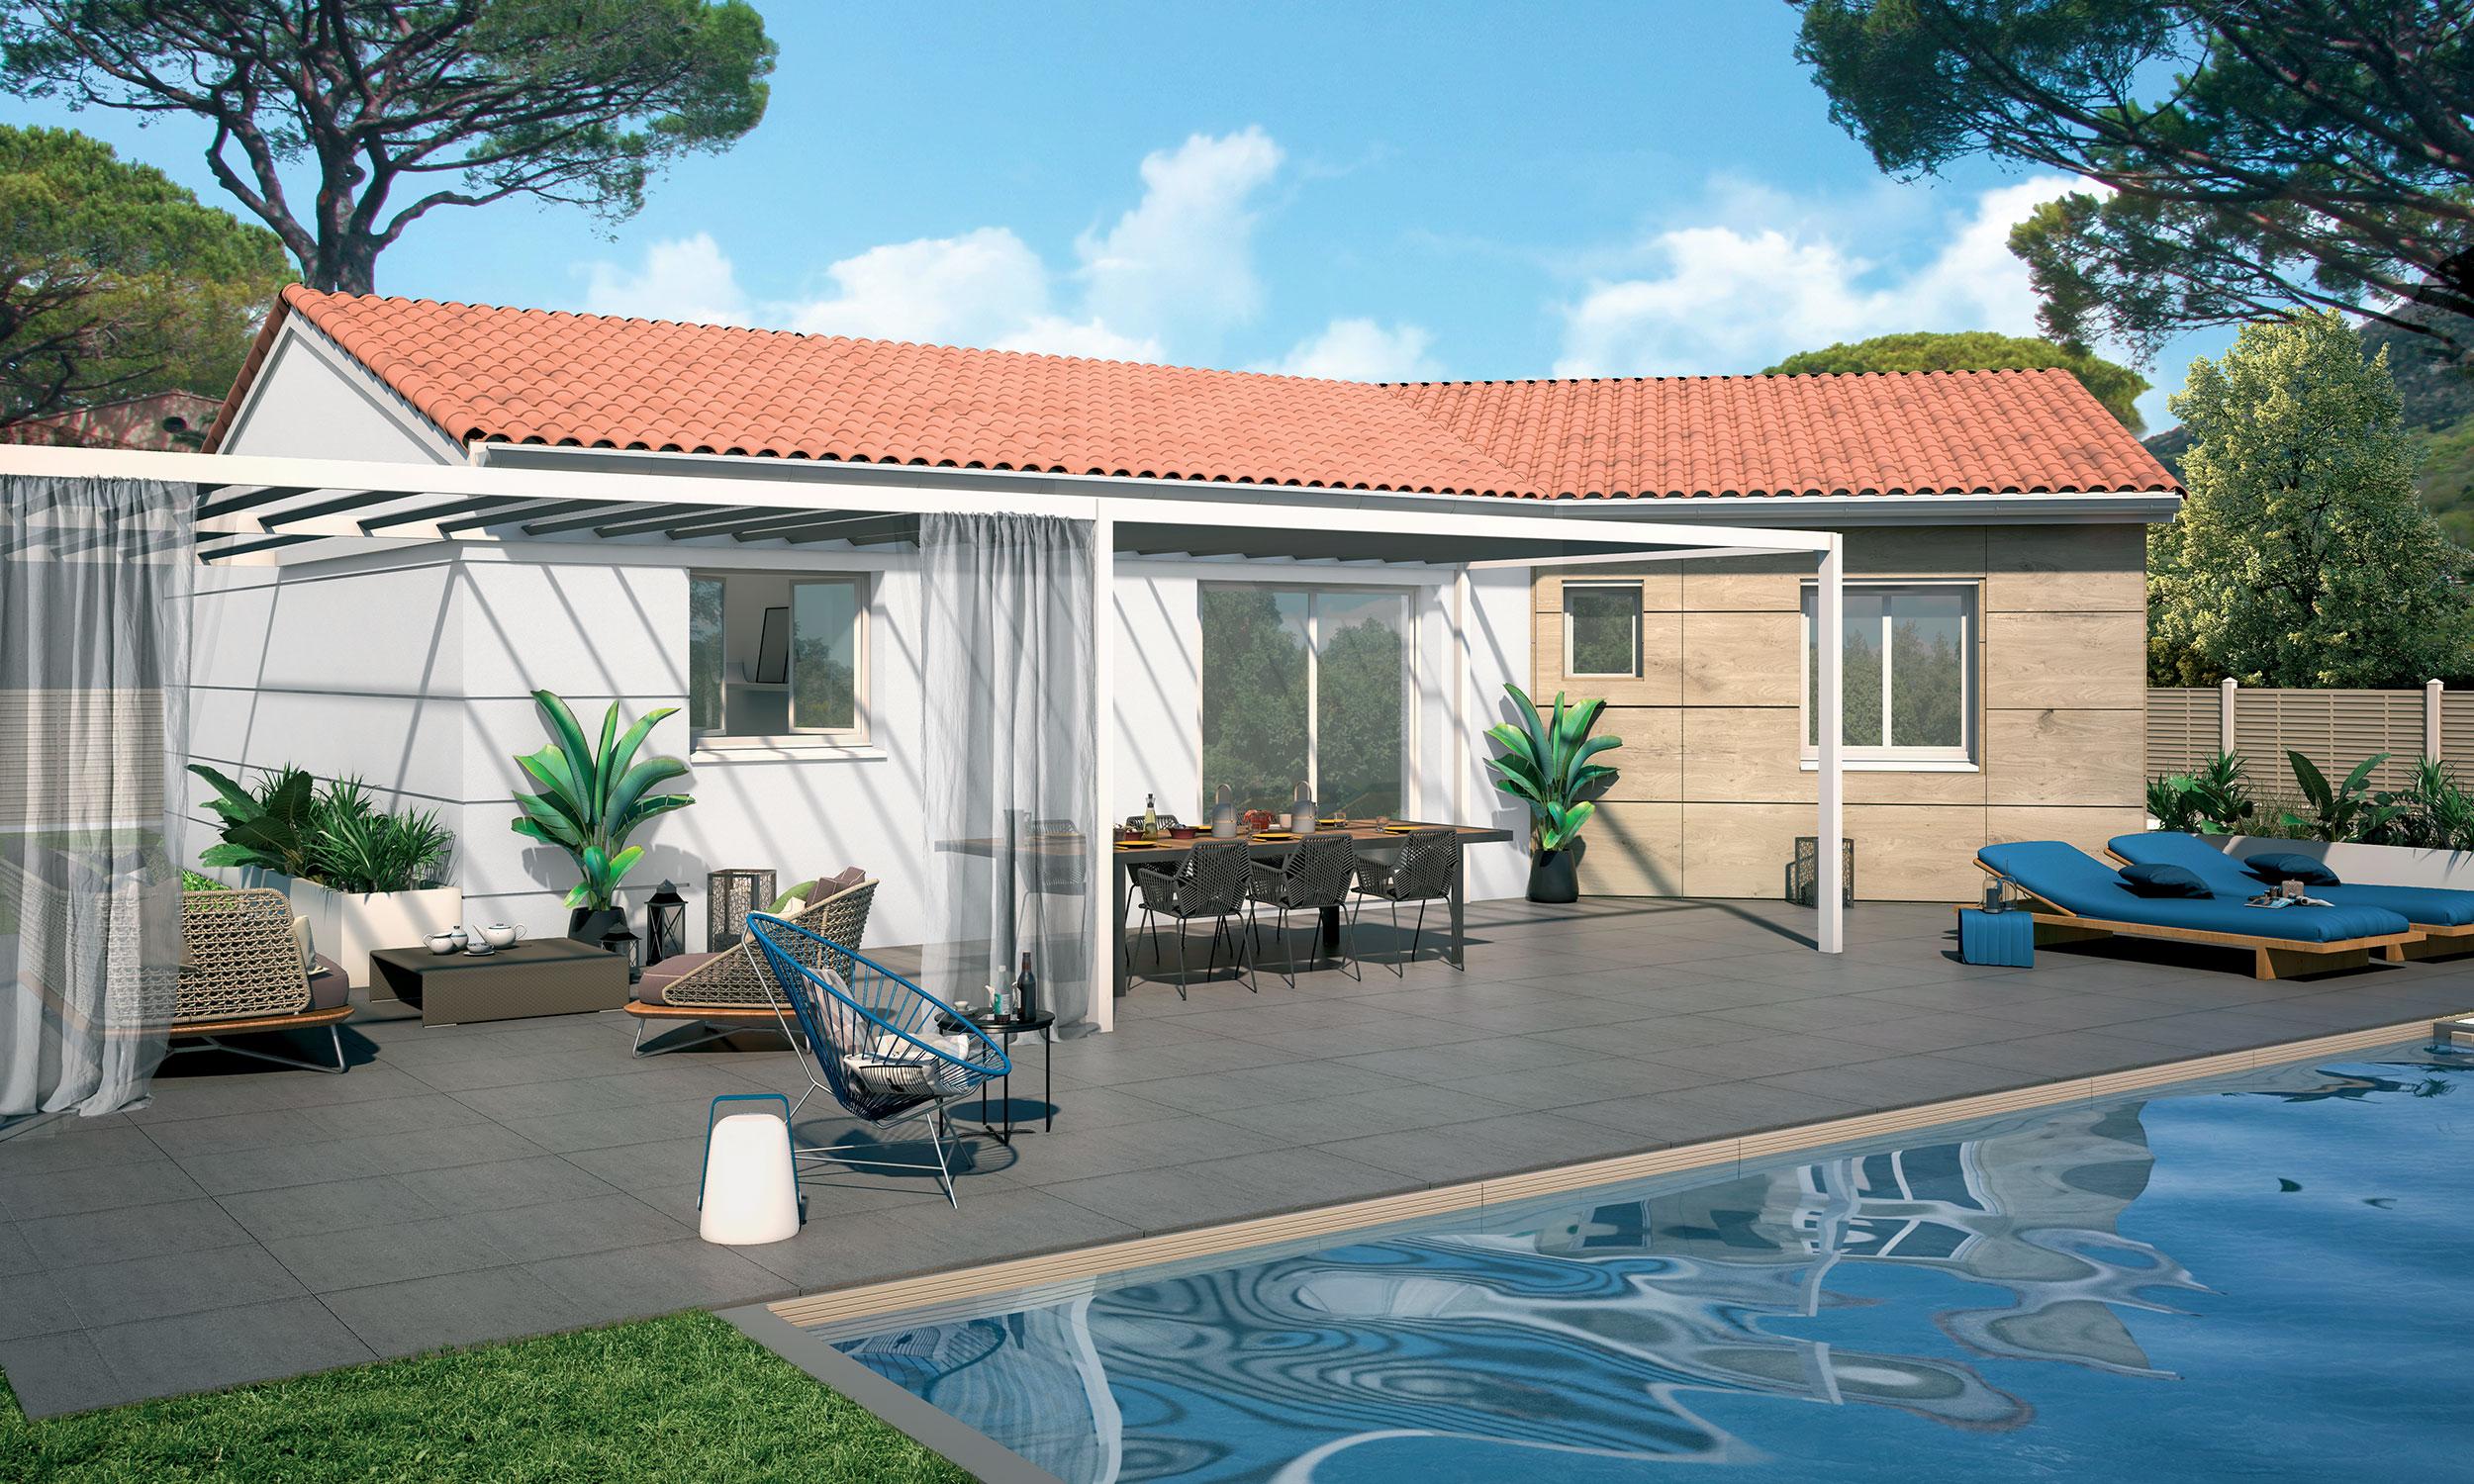 Maison Traditionnelle Plain Pied Cosmo Avec Plans Maisons Bati France Constructeur Maison Individuelle Languedoc Roussillon